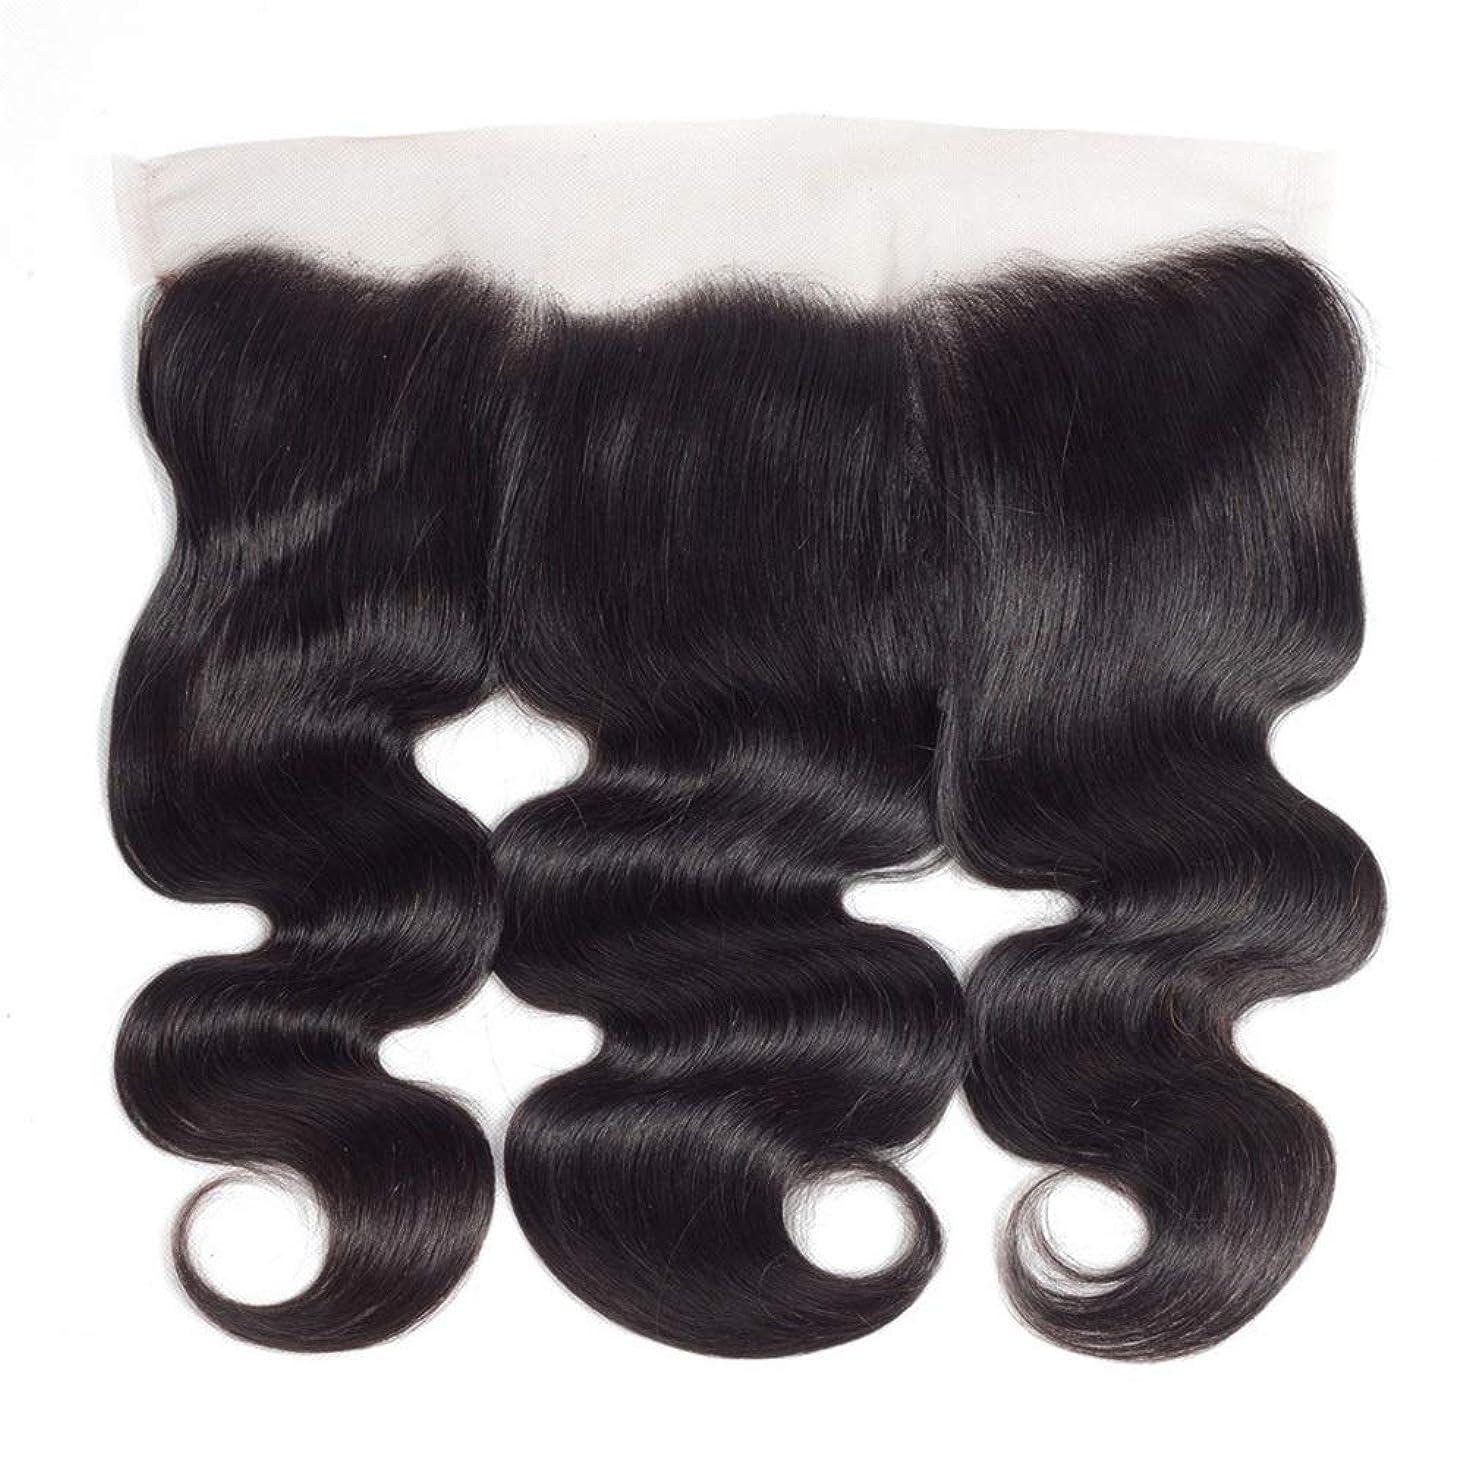 ラフ睡眠対角線与えるHOHYLLYA ブラジルの実体波人間の髪の毛の自由な部分13×4インチレース前頭閉鎖8インチ-20インチロングカーリーウィッグビッグウェーブウィッグ (色 : 黒, サイズ : 20 inch)